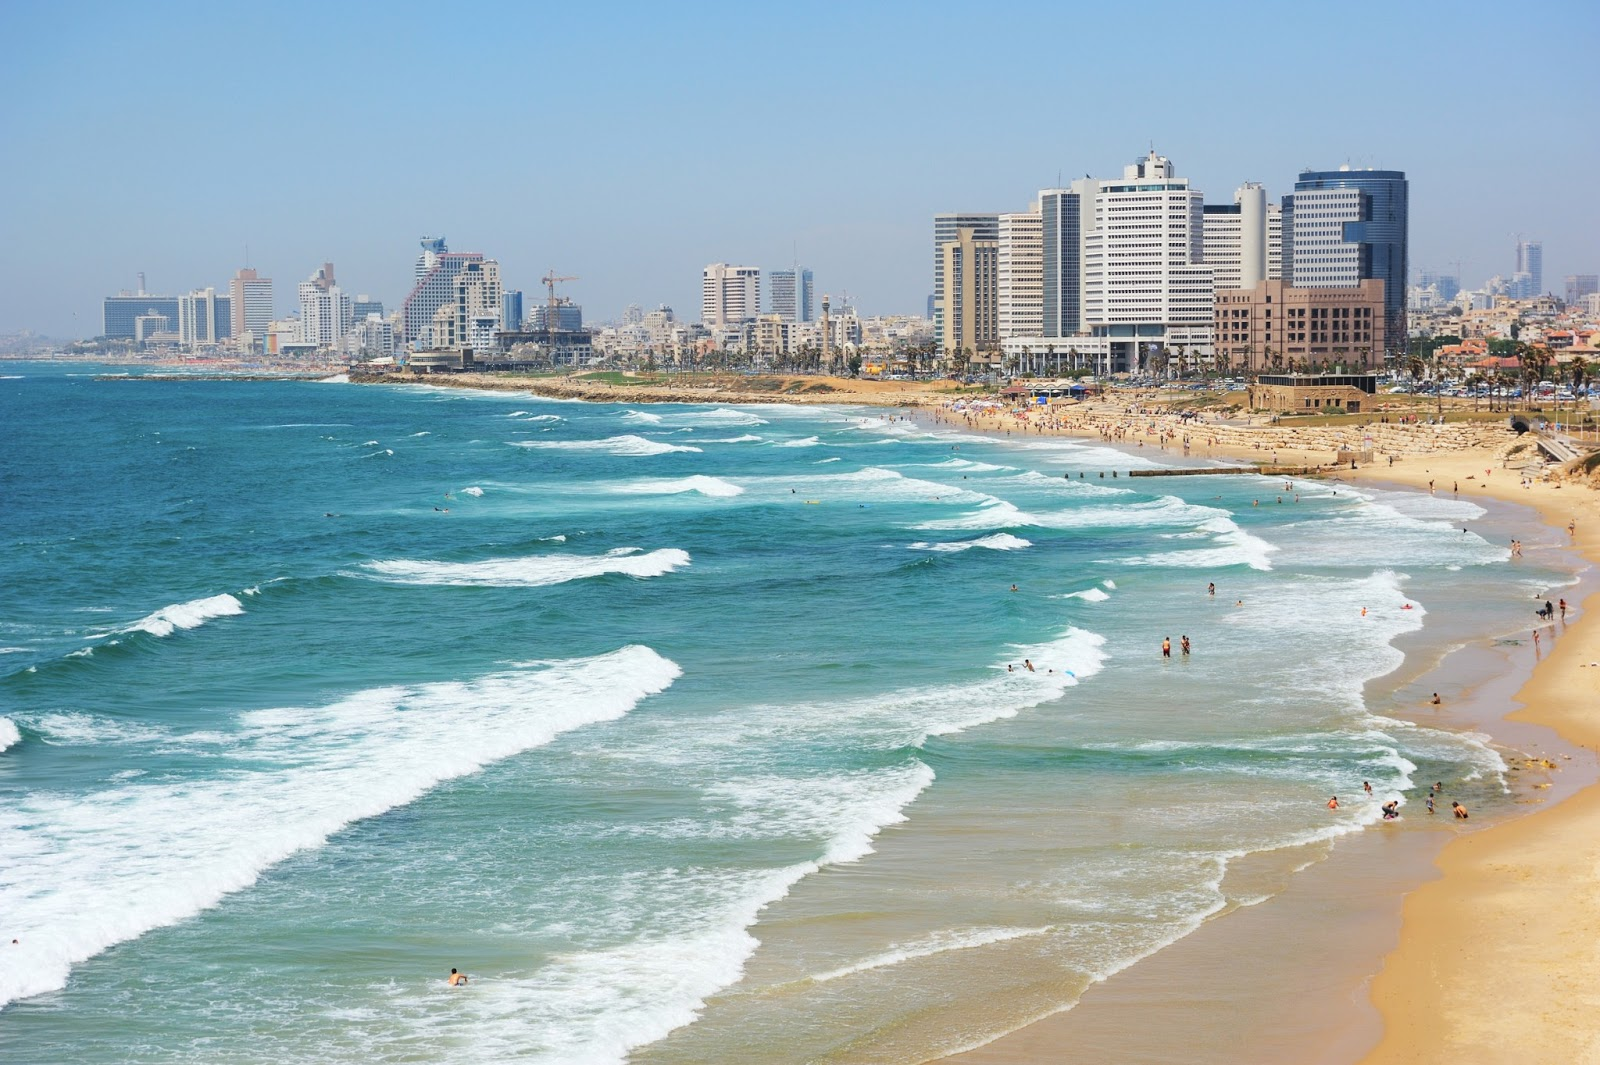 Tel Aviv Israel  city pictures gallery : BANCO DE IMAGENES GRATIS: Vista de la playa y costa en Tel Aviv Israel